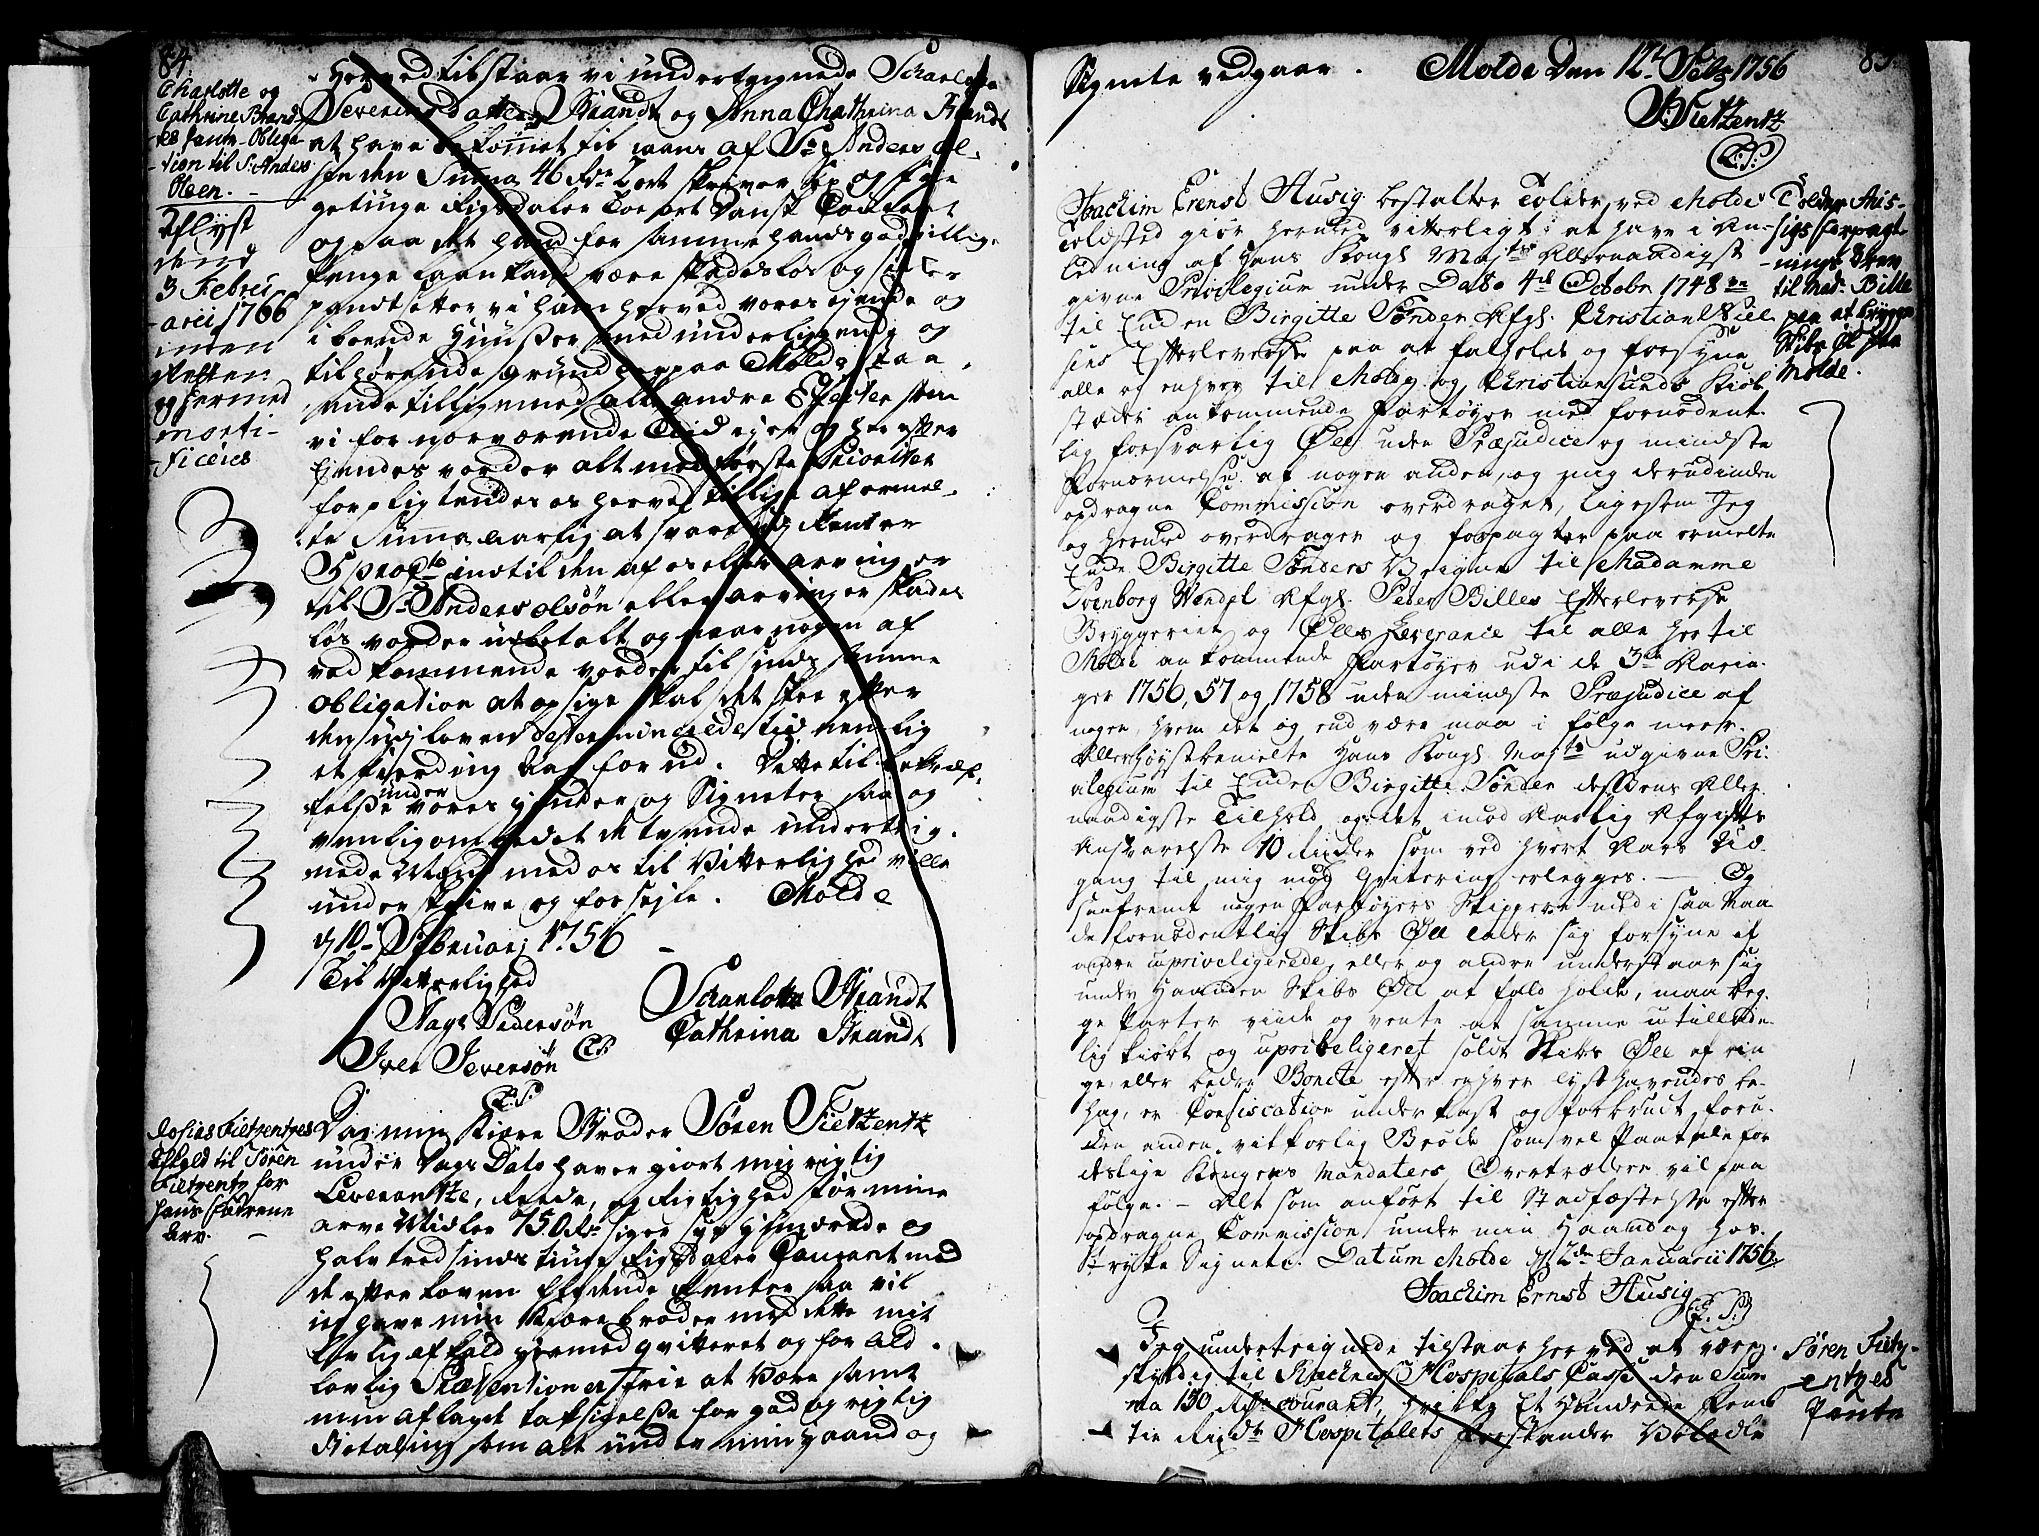 SAT, Molde byfogd, 2/2C/L0001: Pantebok nr. 1, 1748-1823, s. 84-85